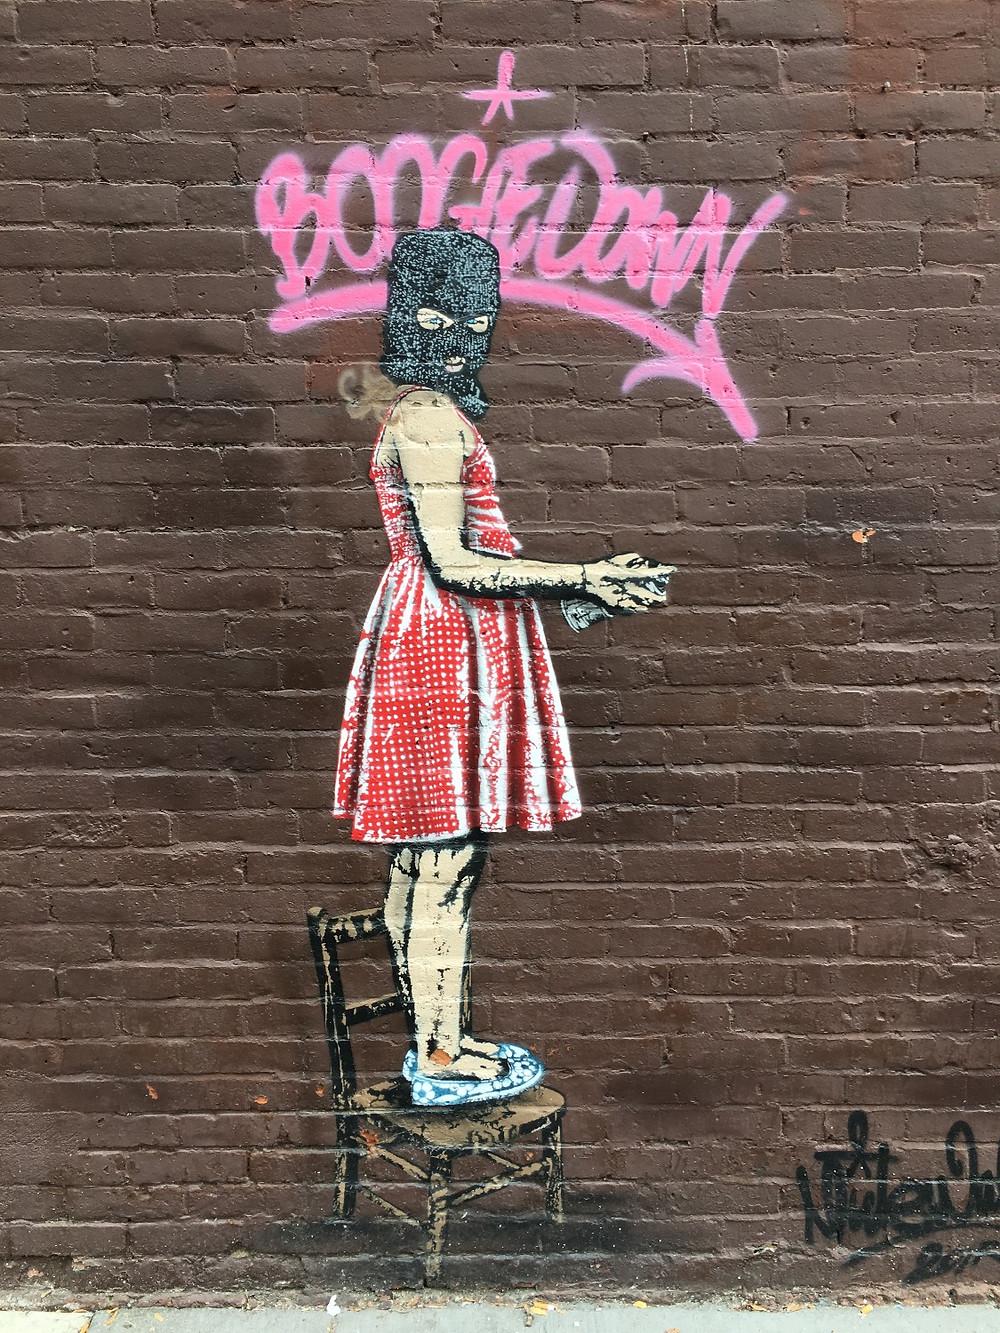 Graffiti in the South Bronx